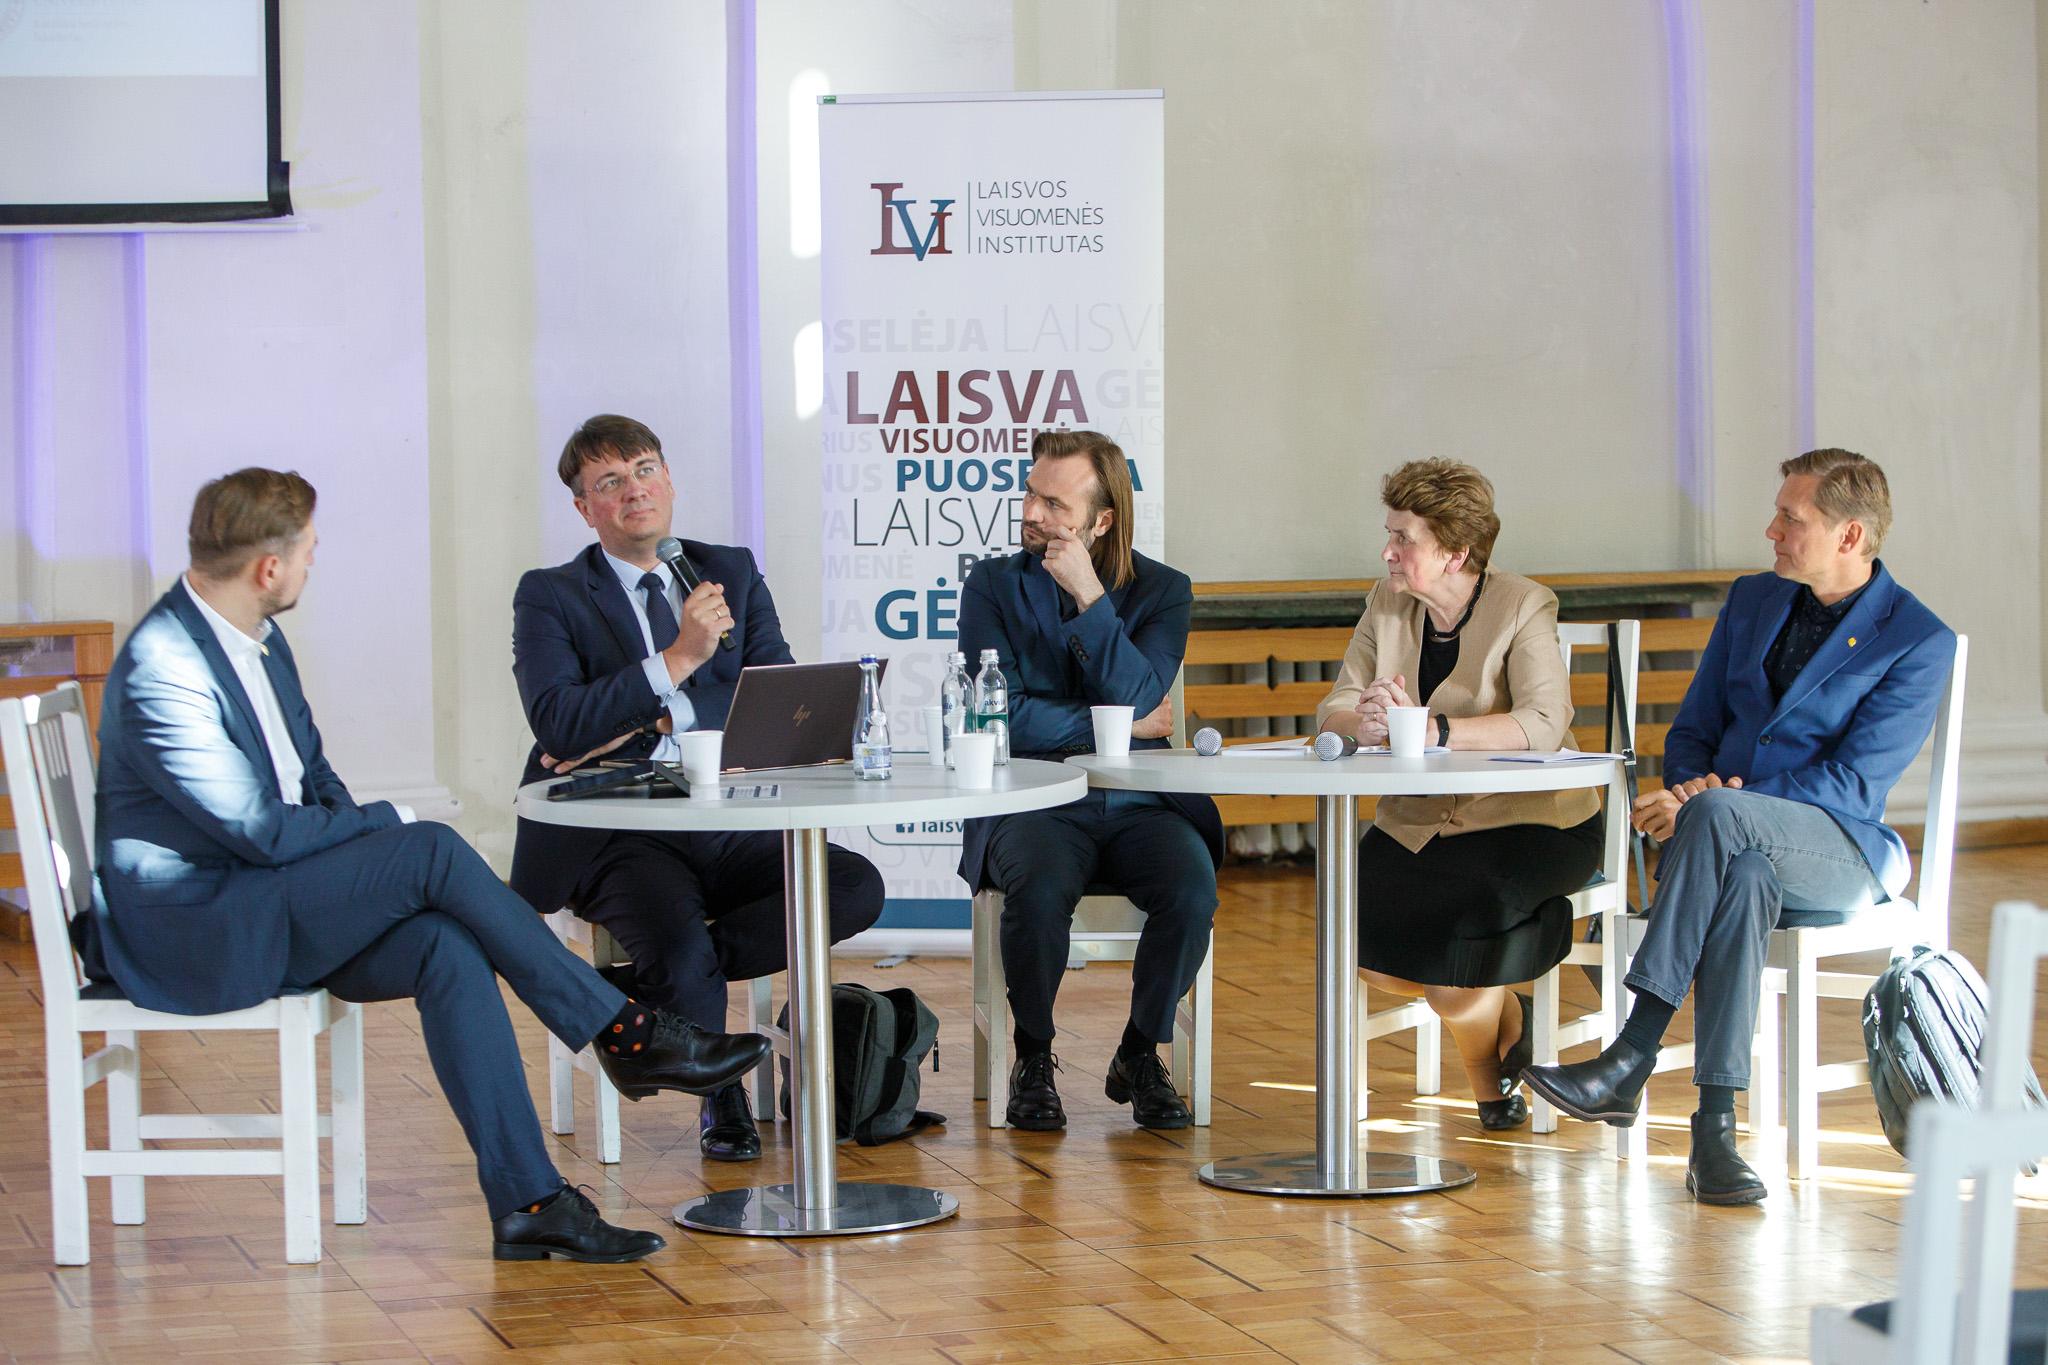 Konferencijos, Šeima - visuomenės ir valstybės pagrindas. Sutarimo link, nuotr. Erlendo Bartulio3